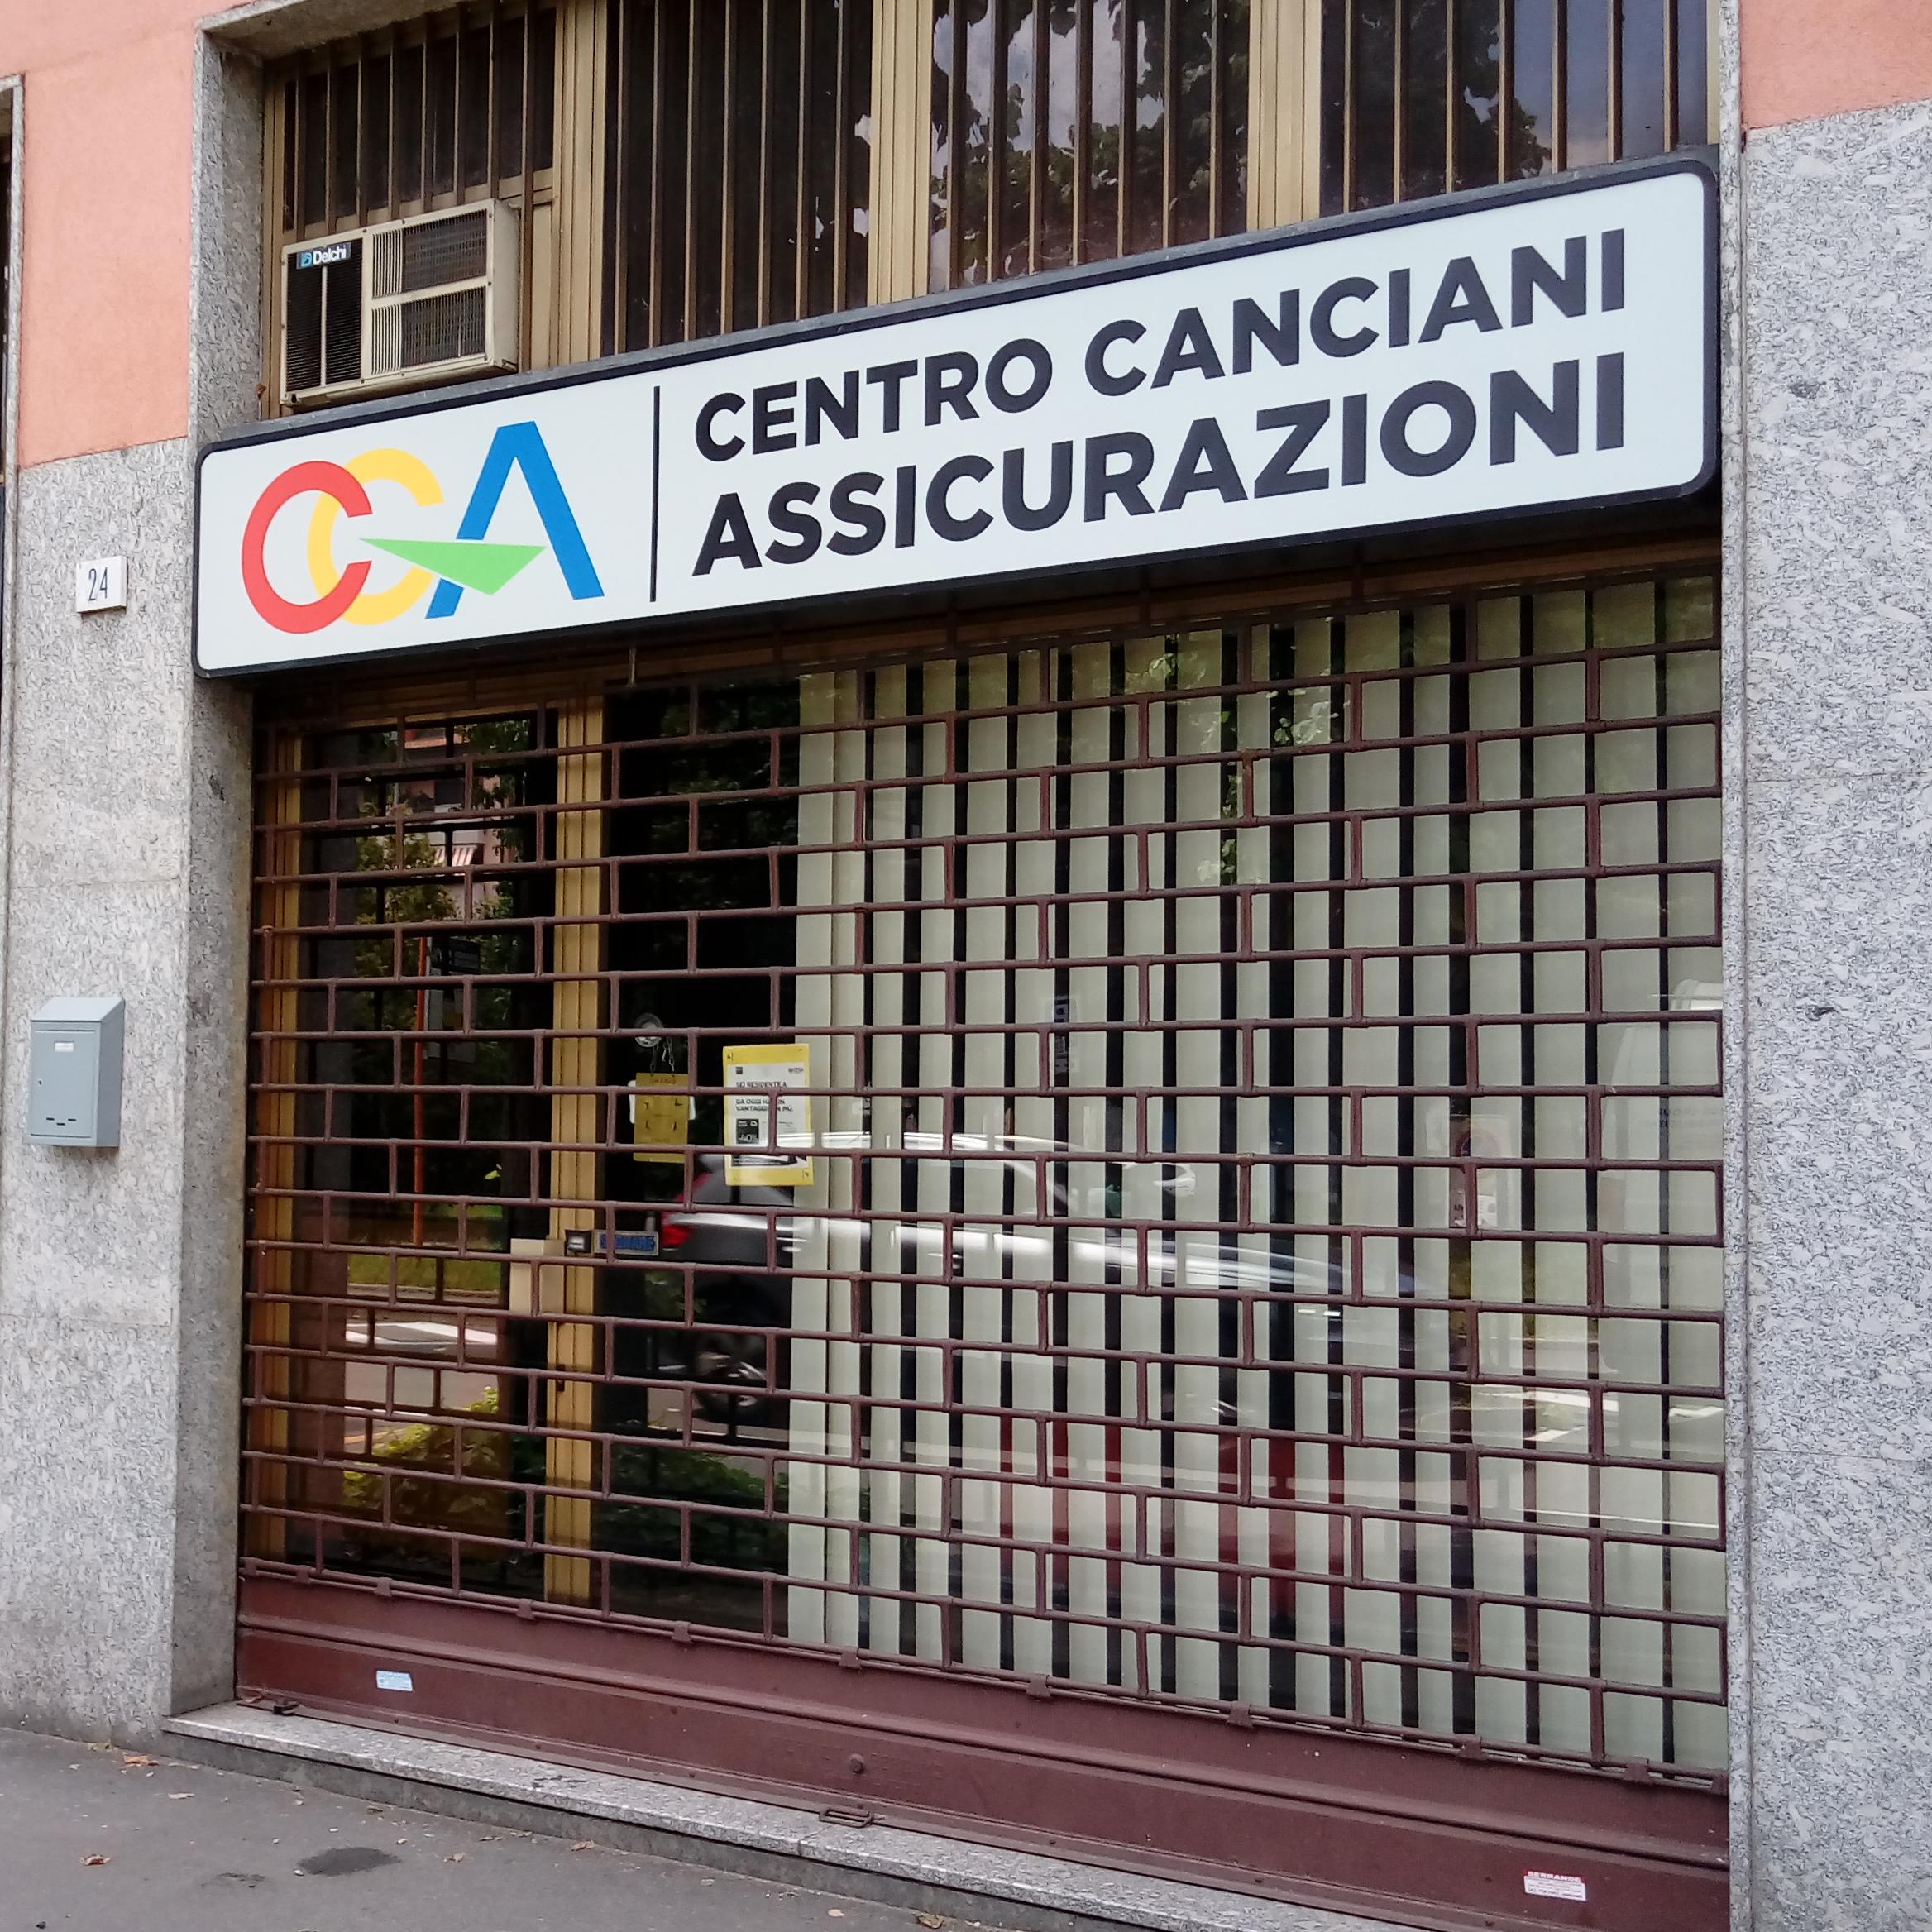 Insegna cassonetto retoilluminato - CENTRO CANCIANI ASSICURAZIONI